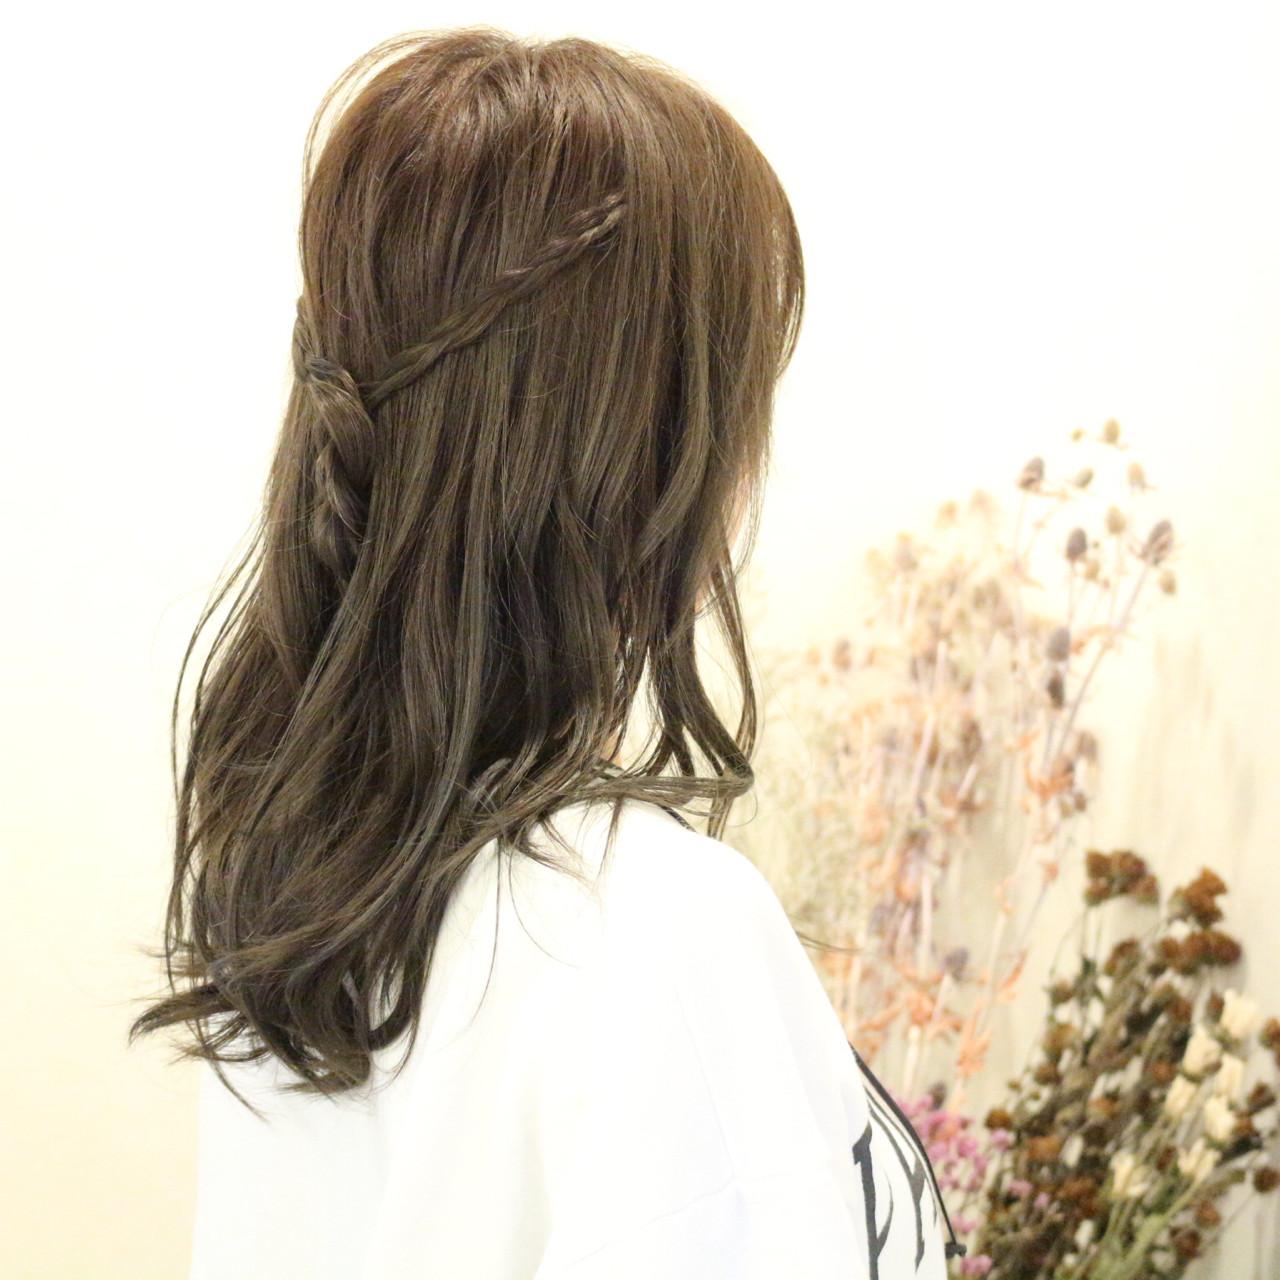 簡単ヘアアレンジ 編み込み セミロング ヘアアレンジ ヘアスタイルや髪型の写真・画像